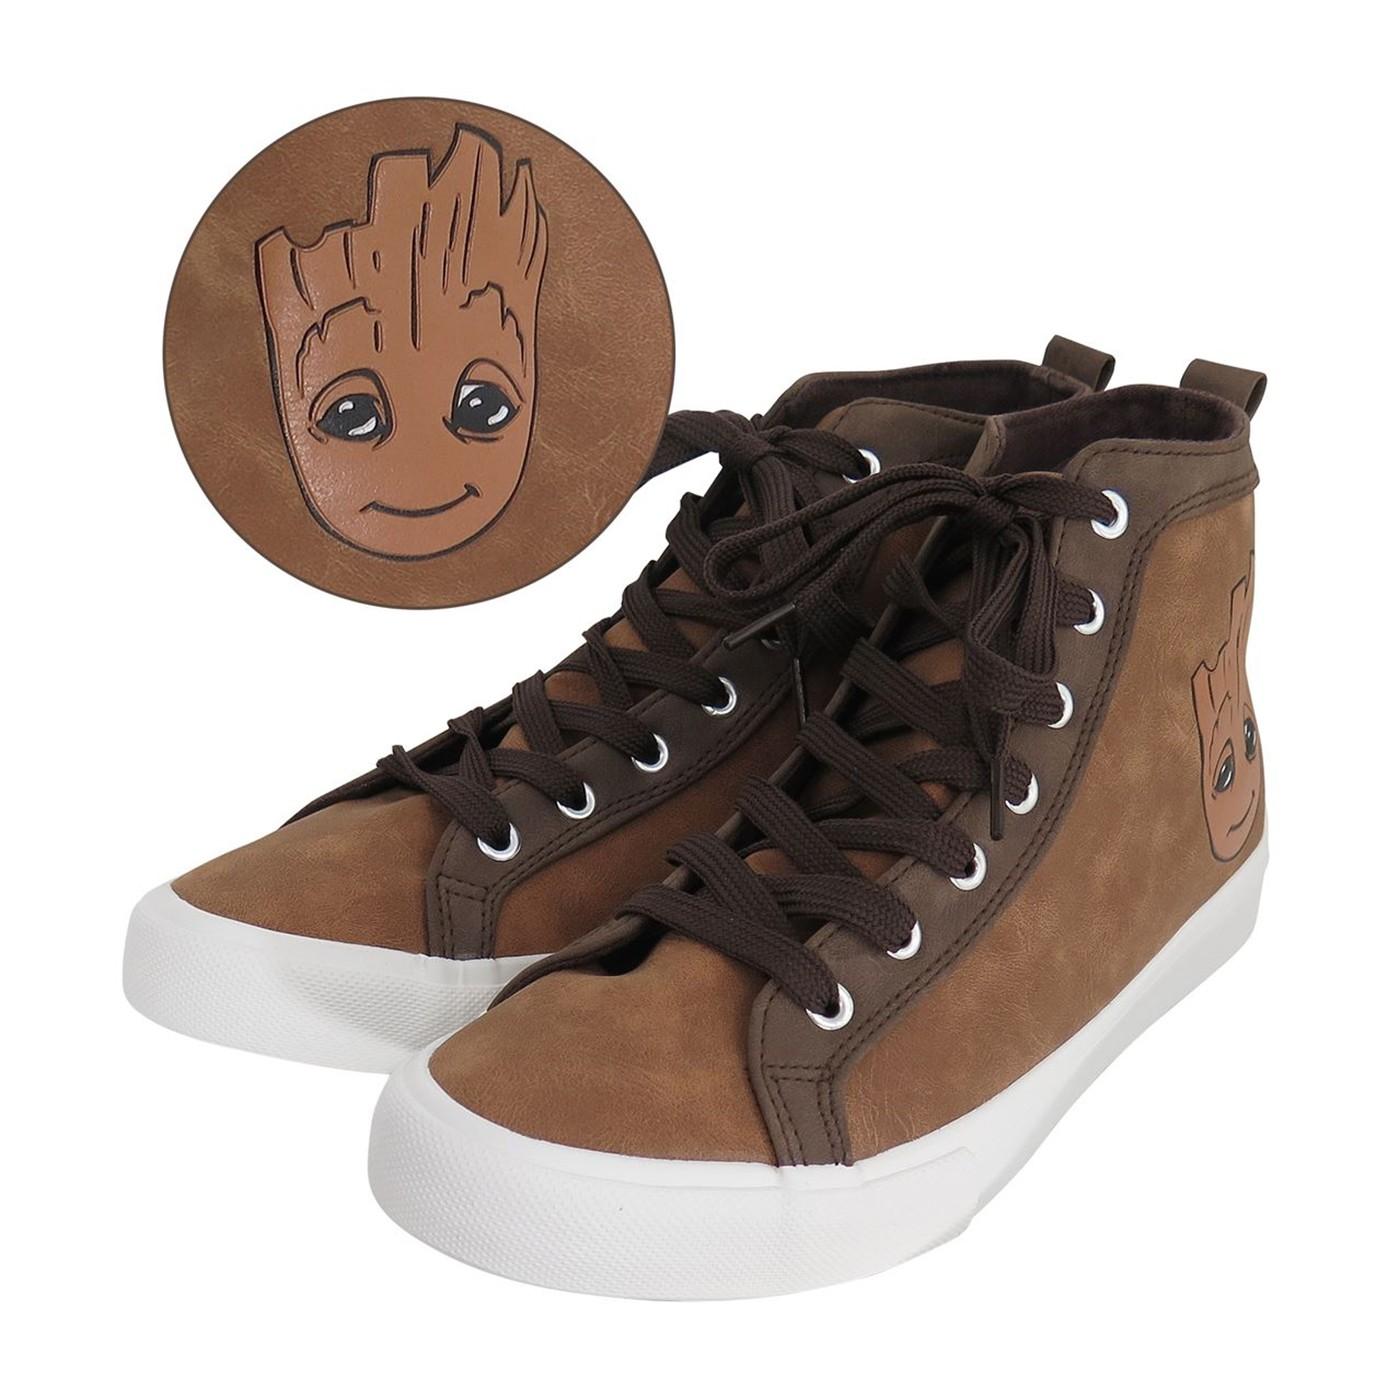 GOTG Baby Groot Men's High Top Sneakers